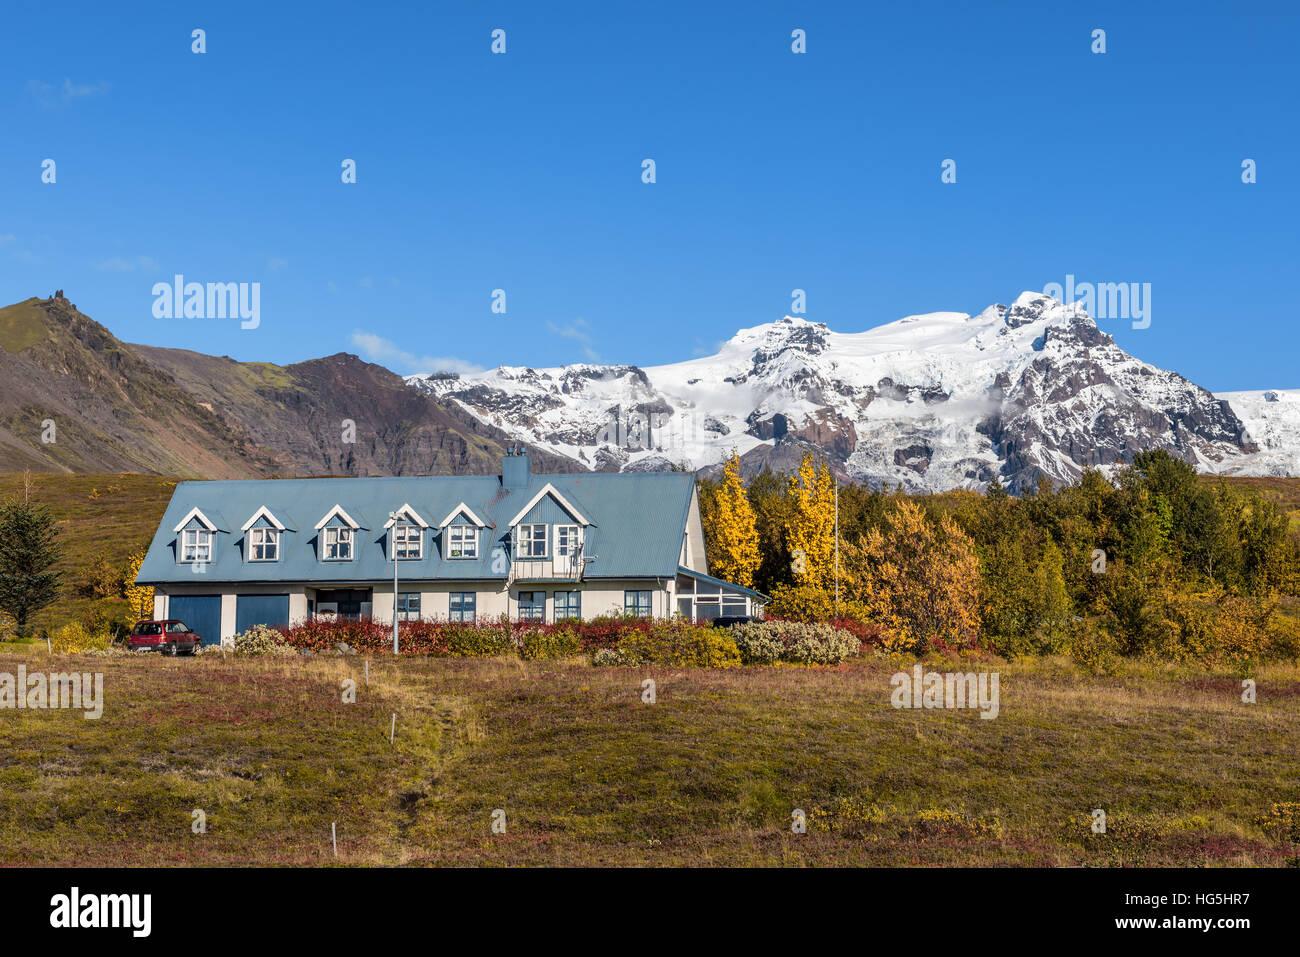 Paysage avec un accueil et des montagnes enneigées en arrière-plan. Photo Stock